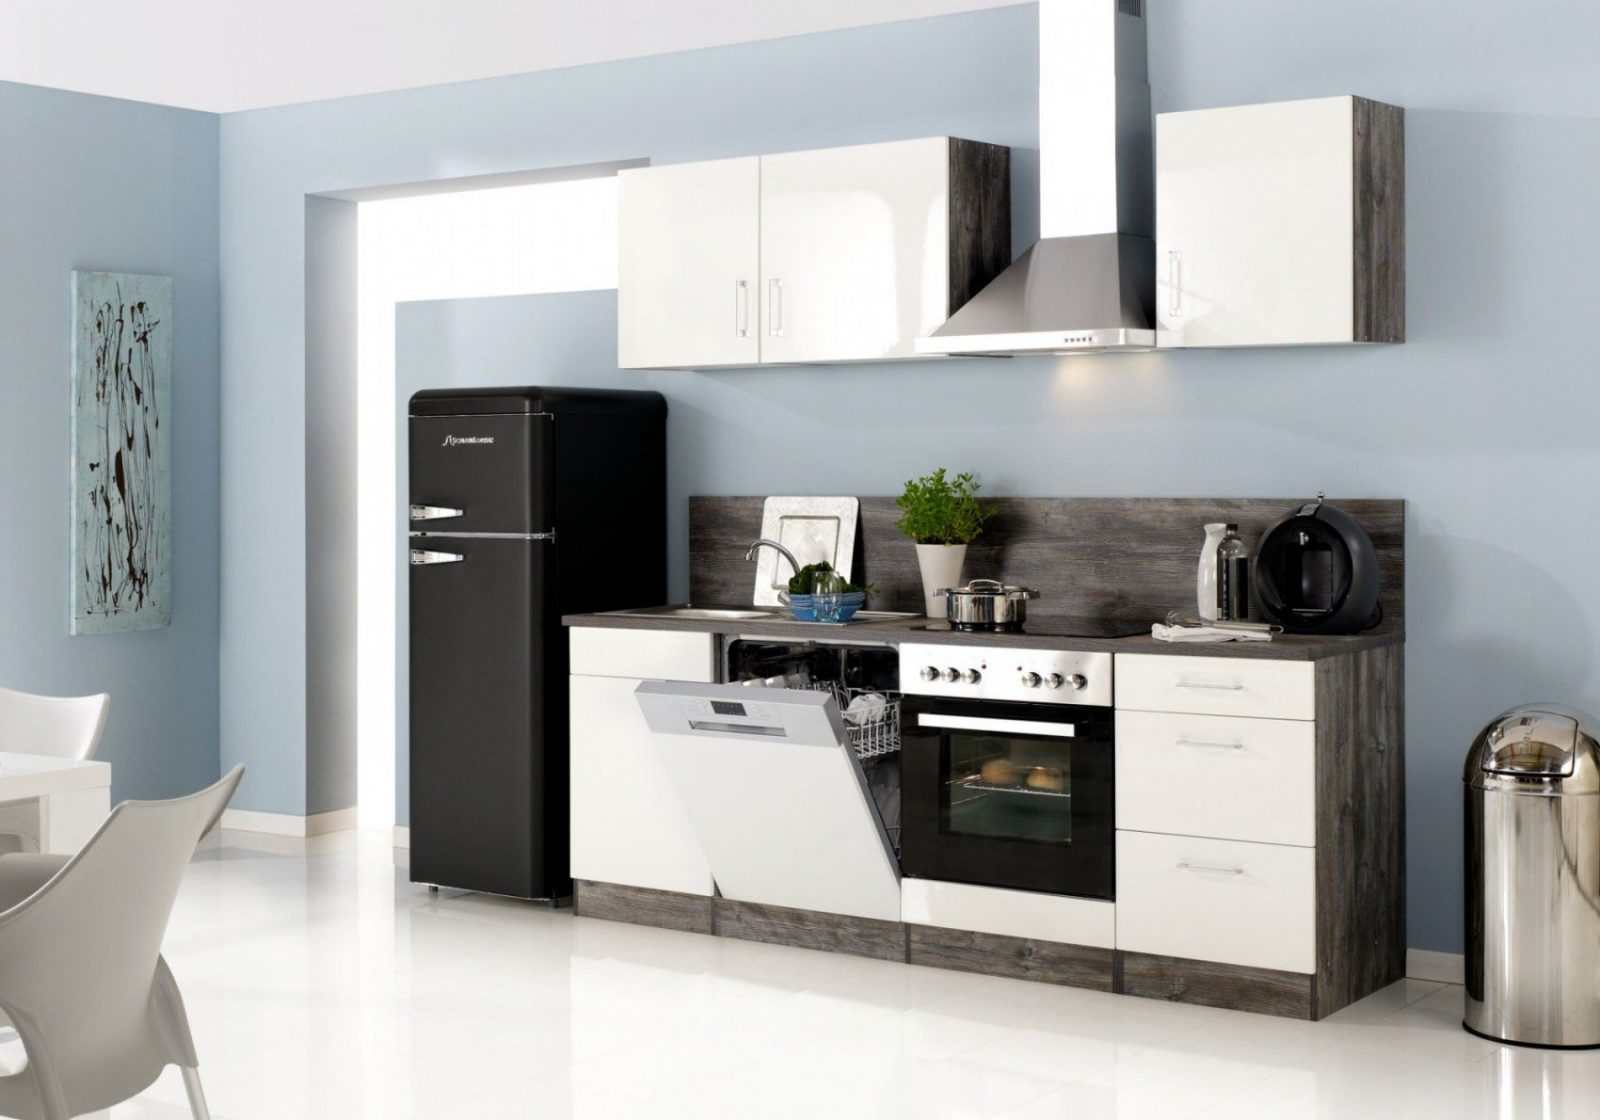 Küchenzeile Lissabon  Küche Mit Egeräten  Breite 280 Cm 14 von Küchen Günstig Mit E Geräten Bild